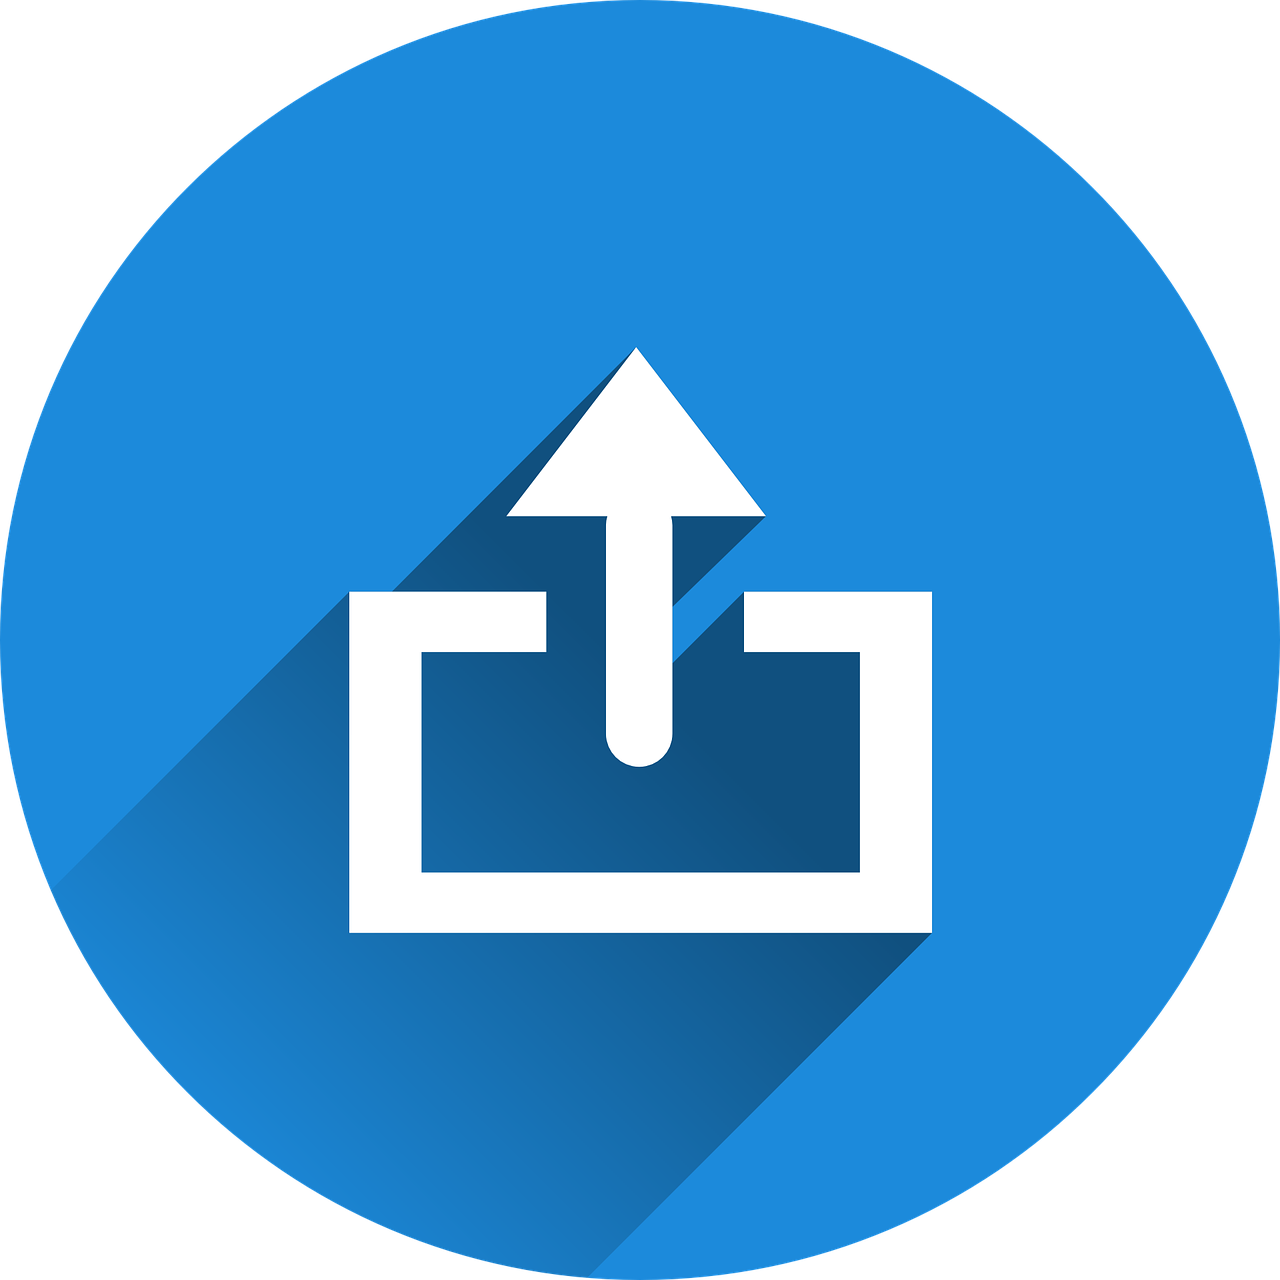 FileMaker cURL Upload